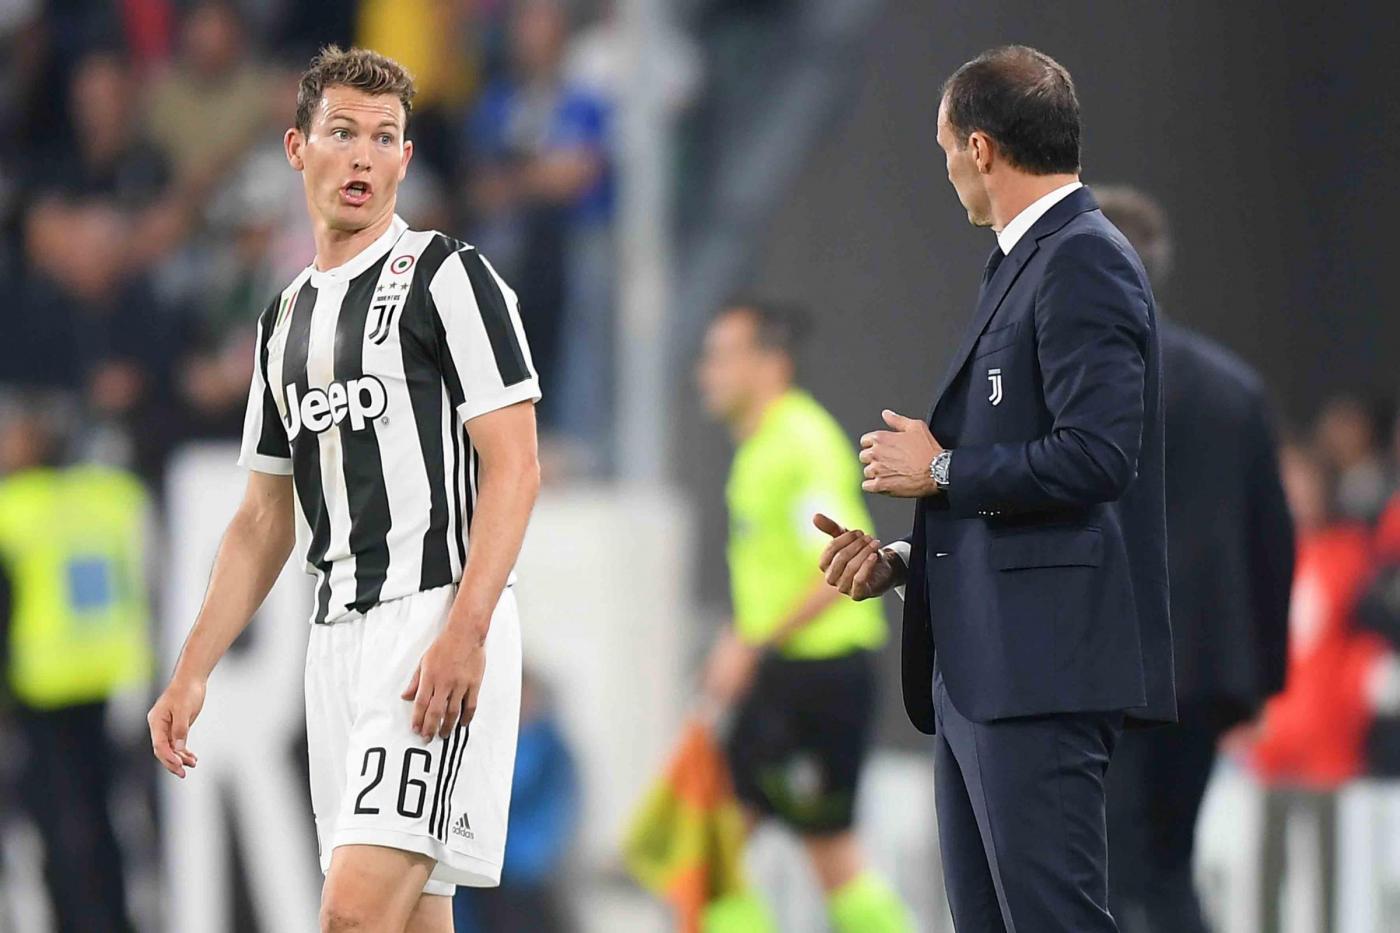 Calciomercato Juventus Ciclo Finito Per Lichtsteiner A Giugno Via Da Svincolato